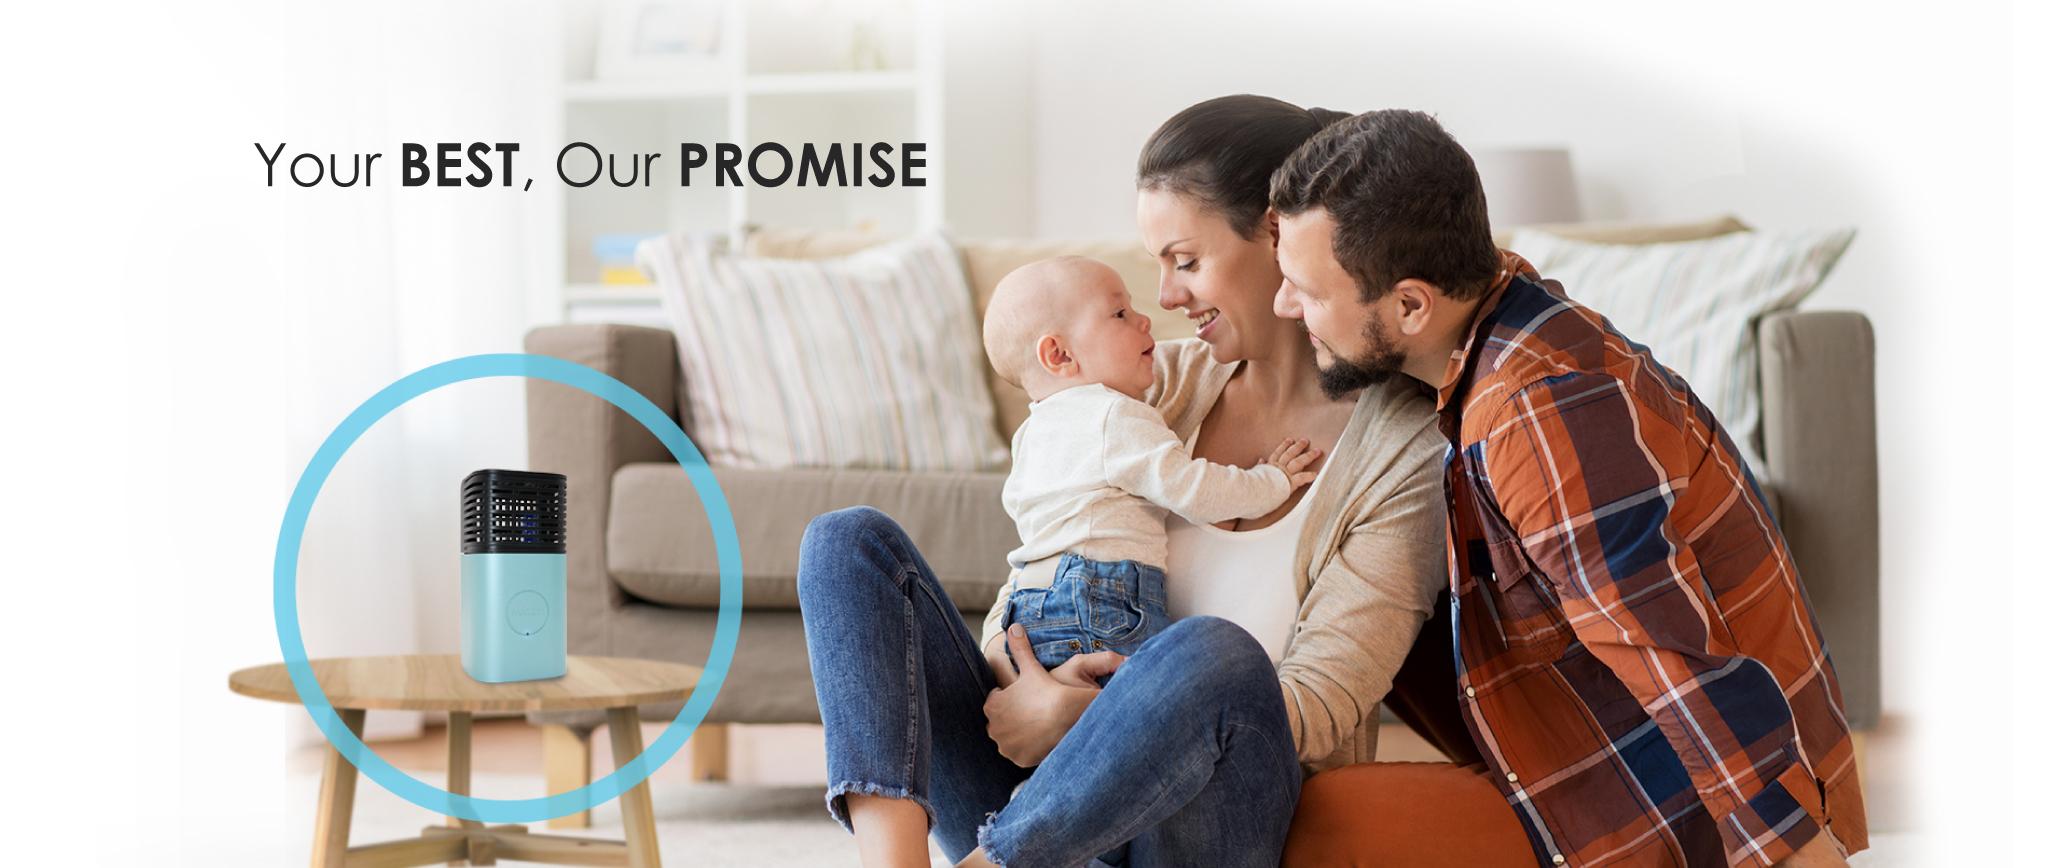 Your-Best-Our-Promise-Medklinn-0